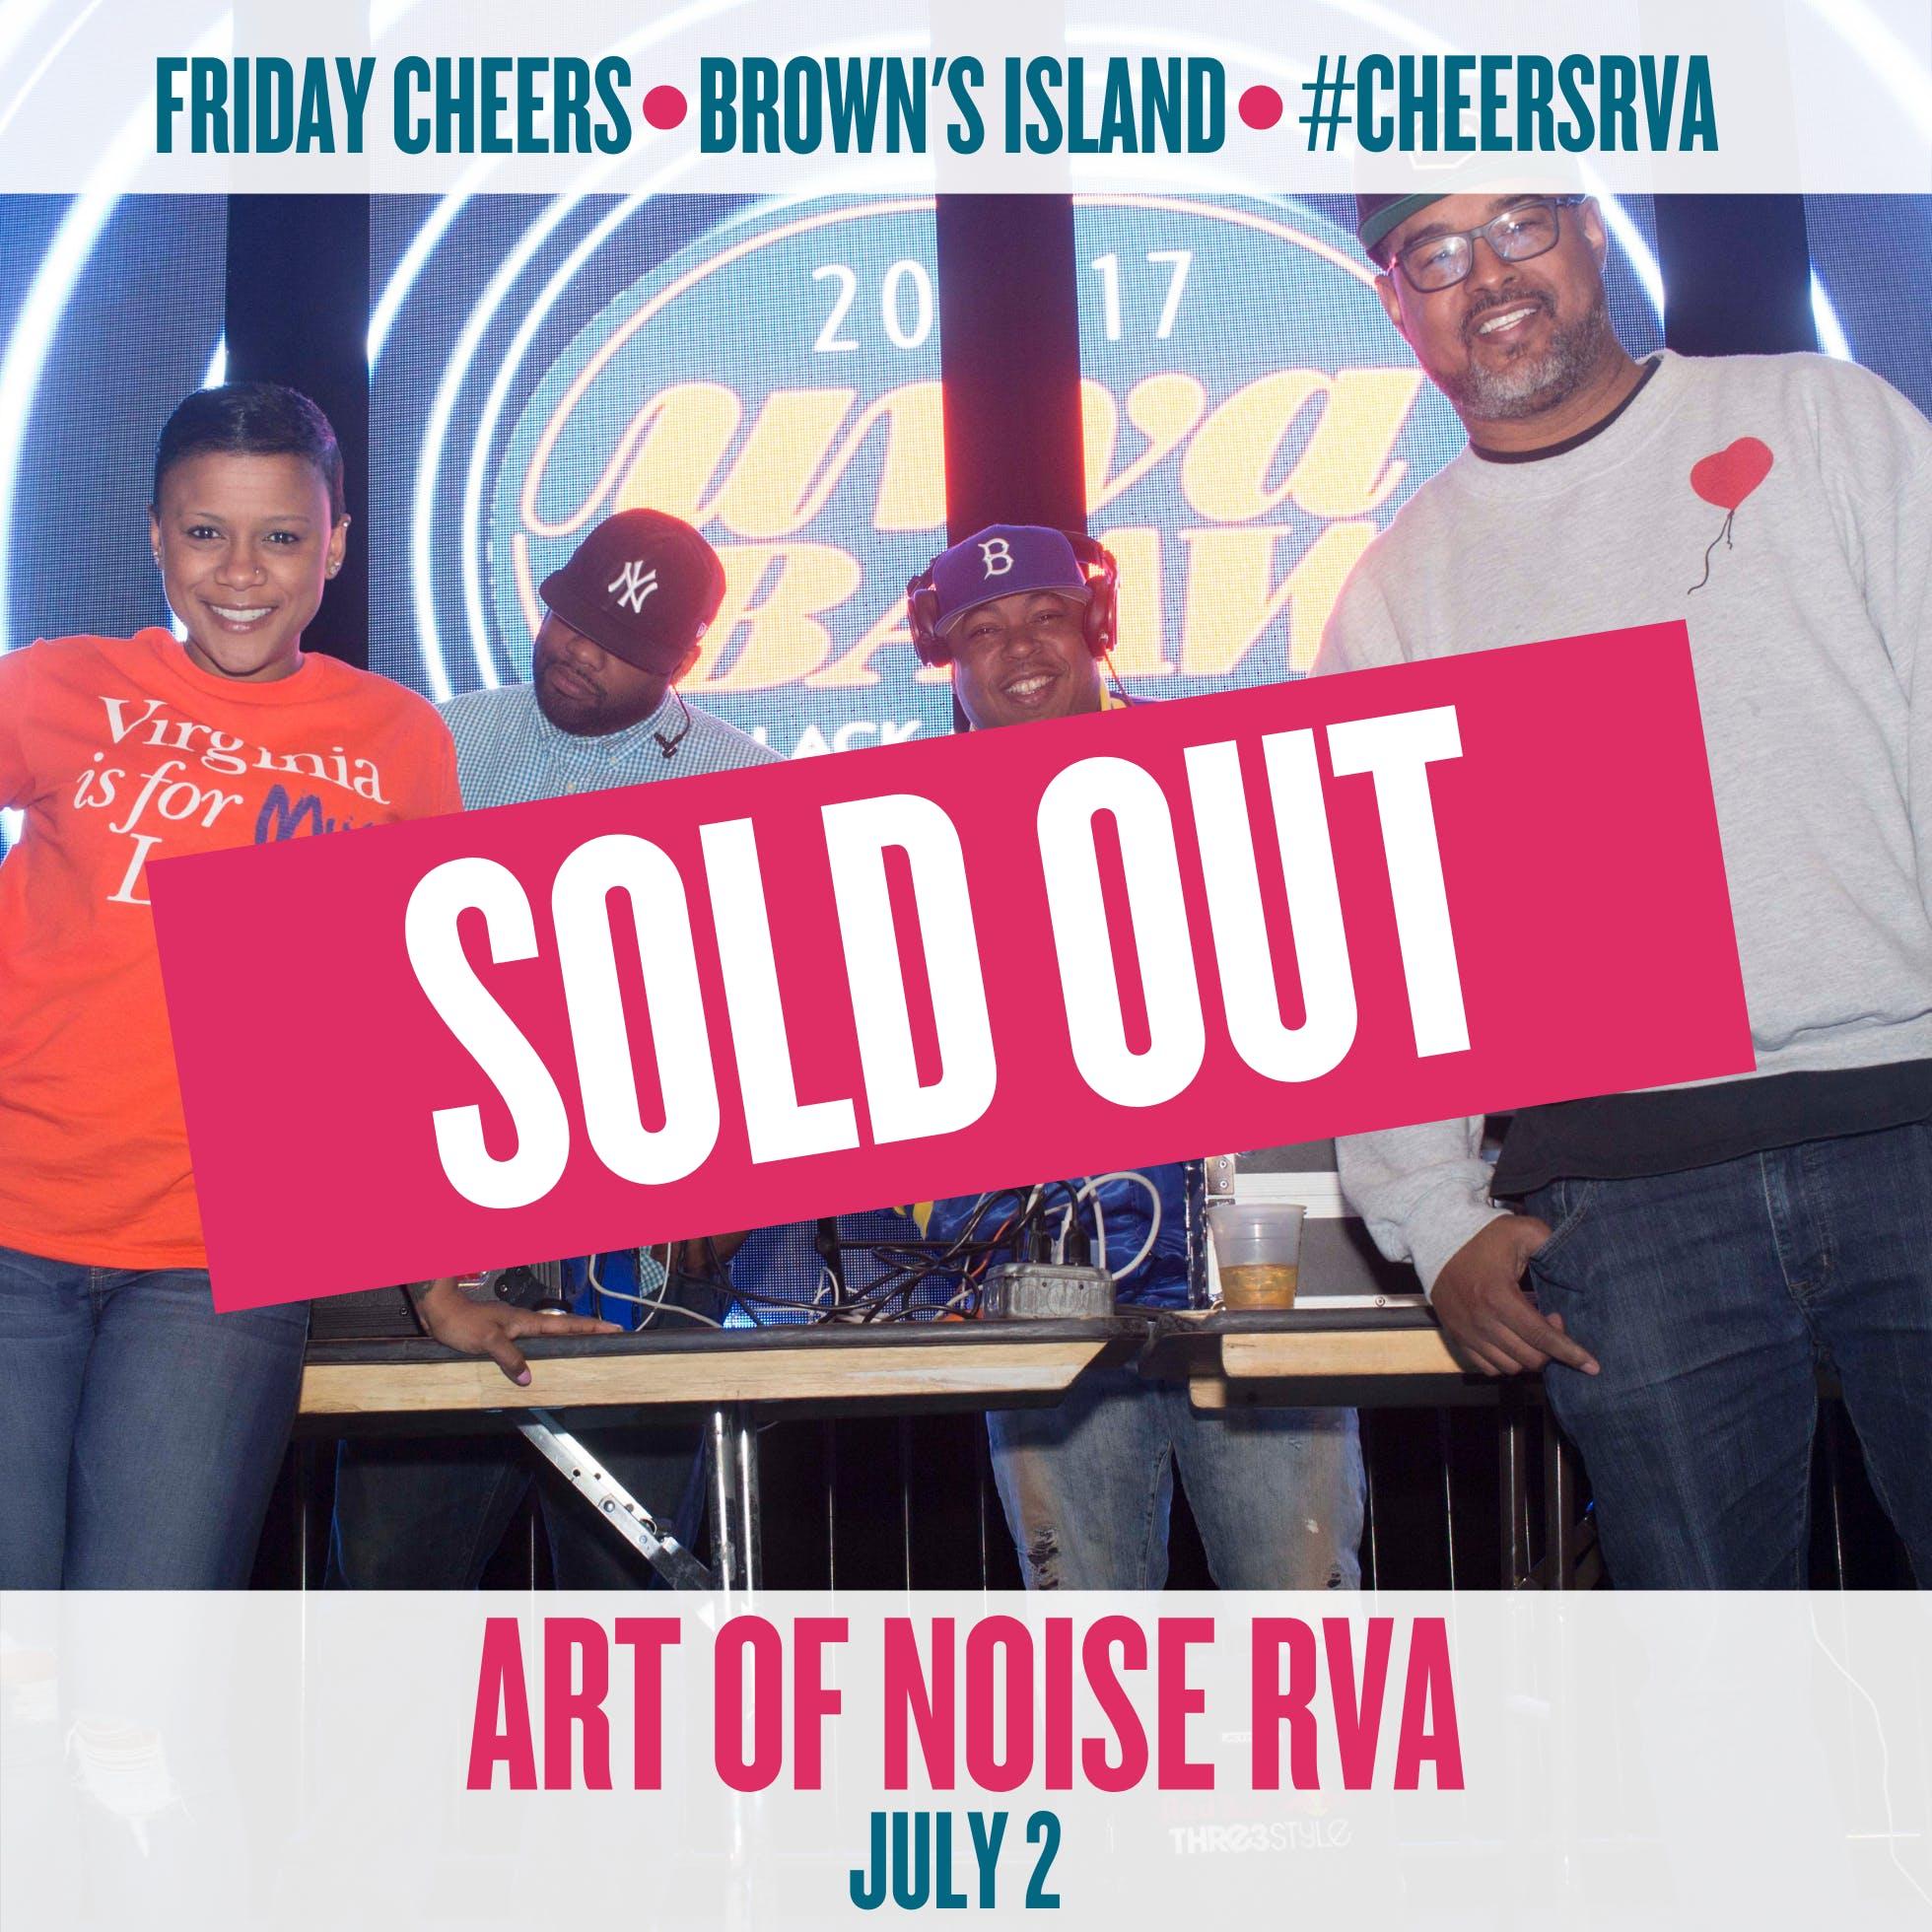 Art of Noise RVA